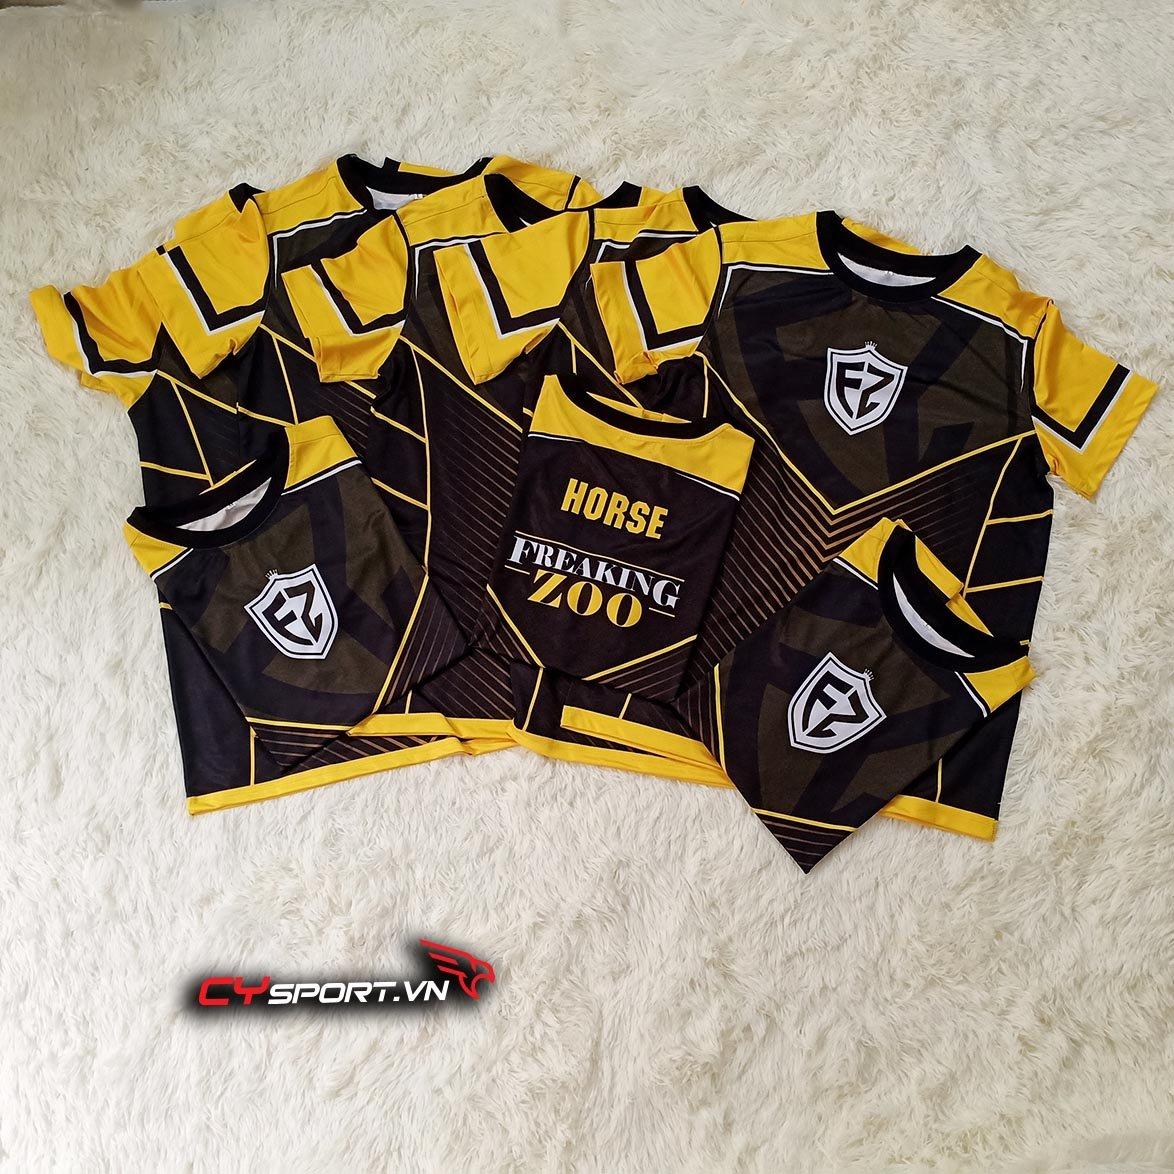 áo bóng đá thiết kế